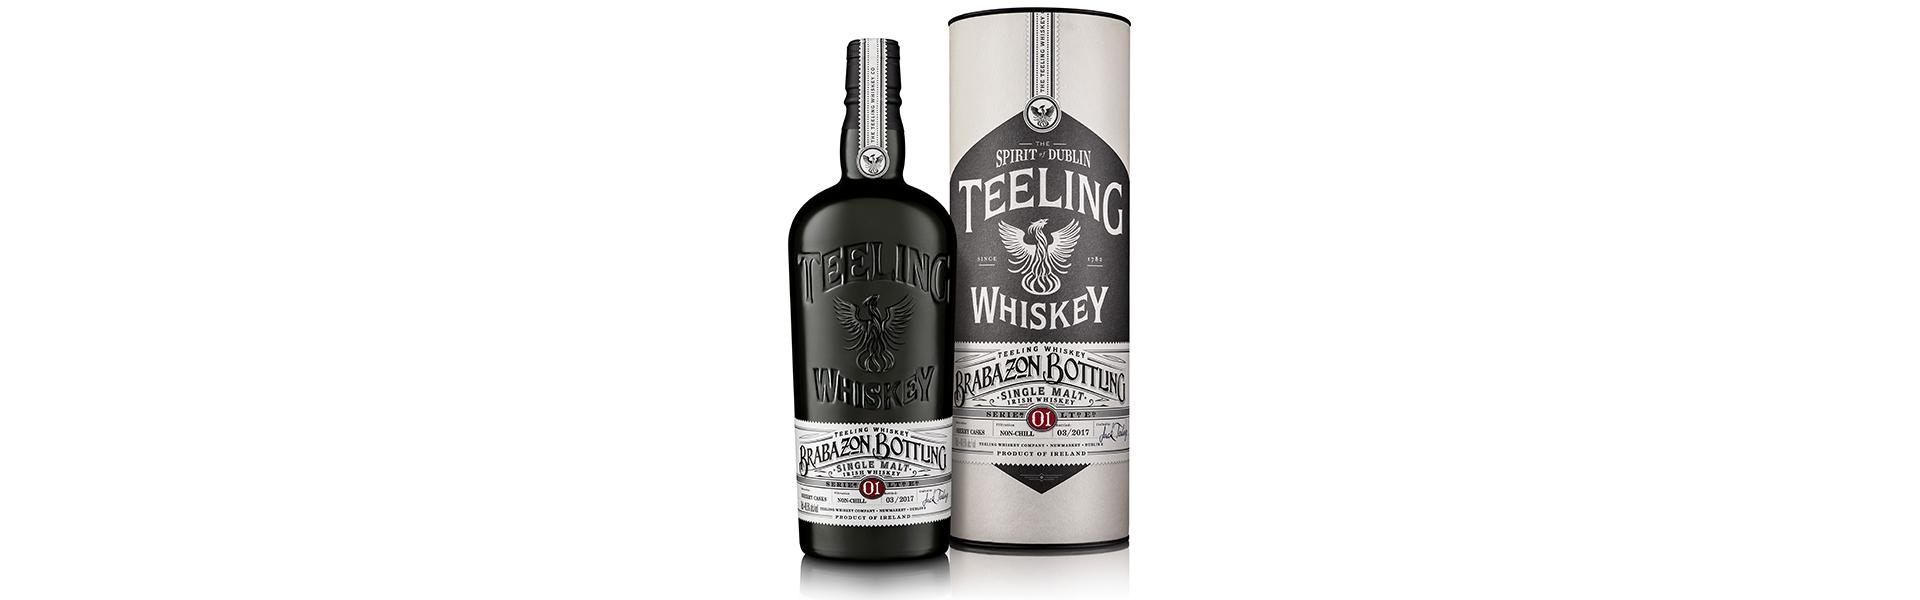 Exklusiv sherryfatswhiskey från det Irländska craftdestilleriet Teeling Whiskey – nu på Systembolaget